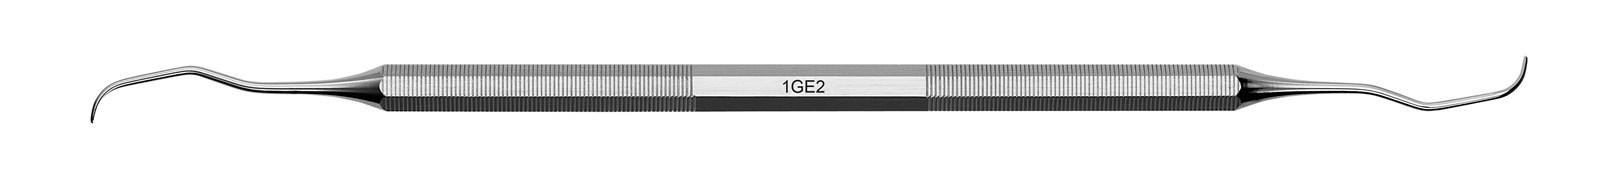 Kyreta Gracey Classic - 1GE2, ADEP silikonový návlek tmavě zelený